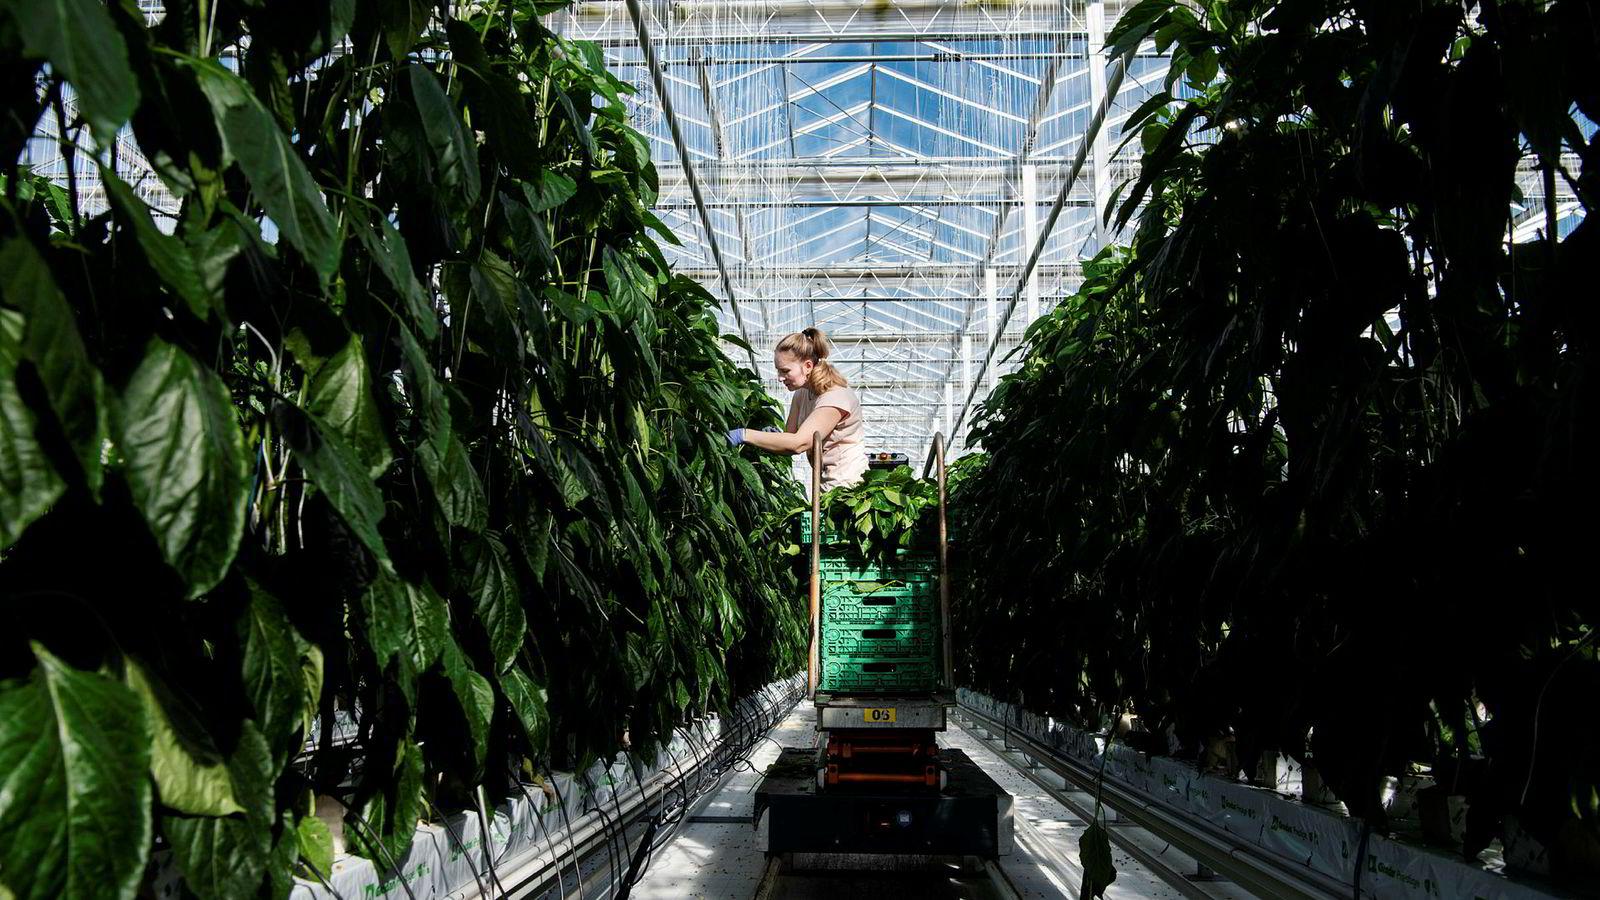 Bankinnskudd fra investeringsselskapet Nysnø er nå med på å finansiere Norges største gartneri, Miljøgartneriet på Jæren. Her steller Gabriela Iuciuc tomatplantene som skal vokse seg store utover våren.